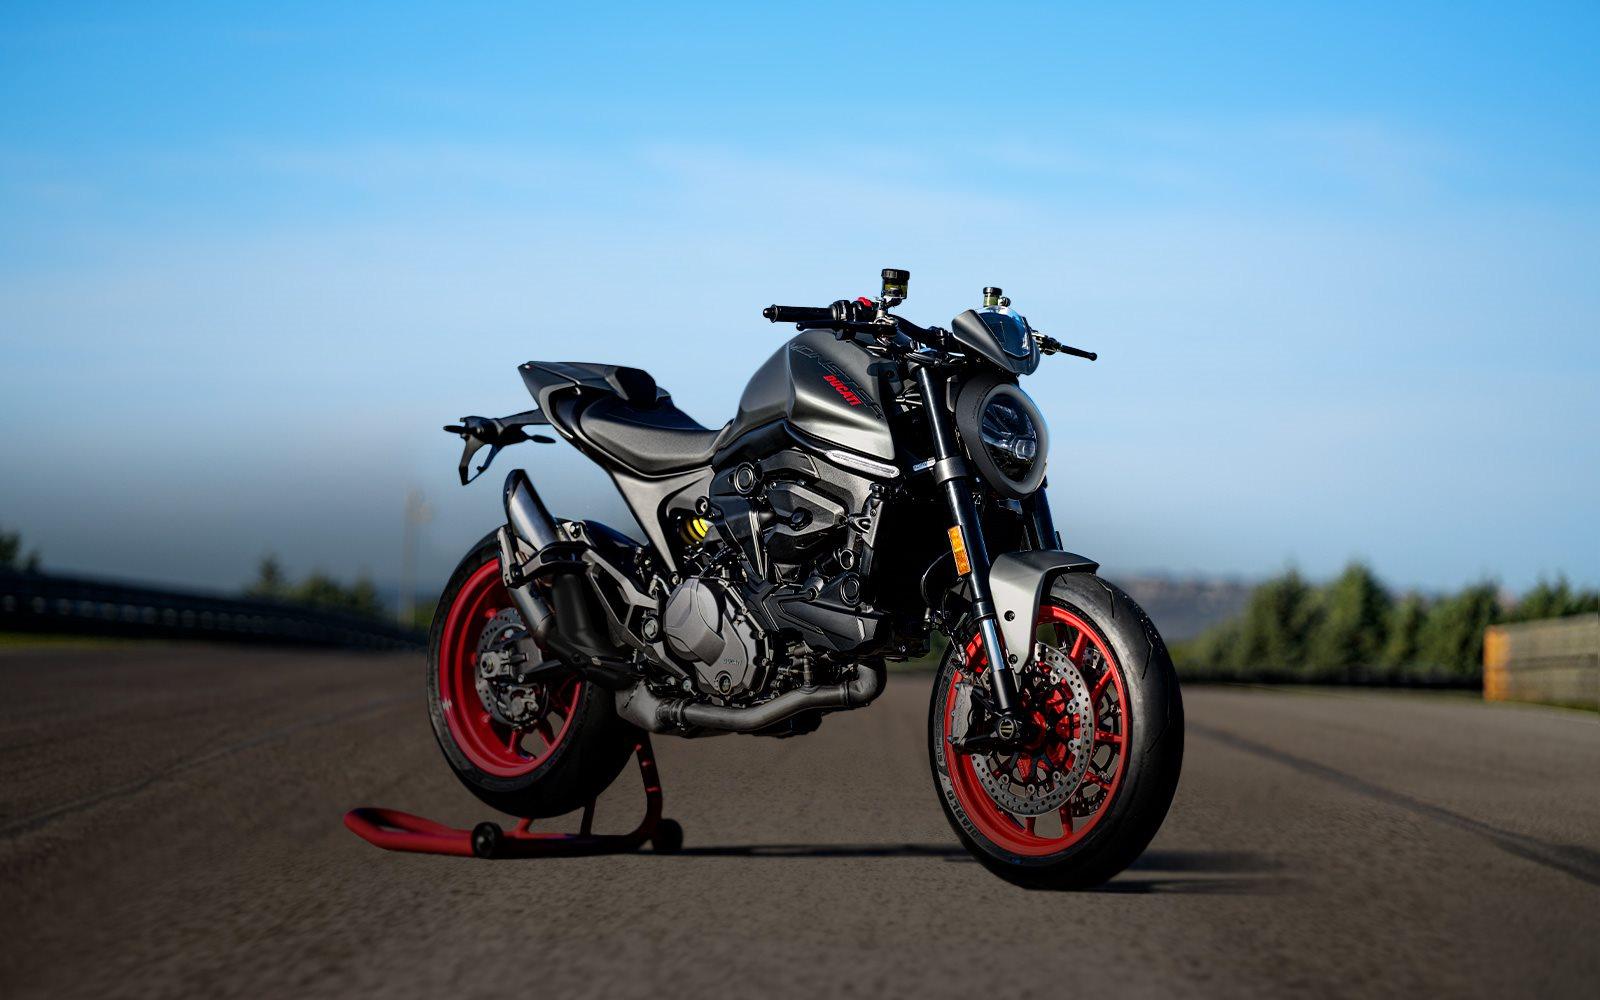 Si tu carnet de conducir es el A2, no lo dudes y piensa en Ducati. Te invitamos a descubrir nuestra gama de motocicletas de 35kw, aptas para la limitación, derivadas de versiones de 70kw: